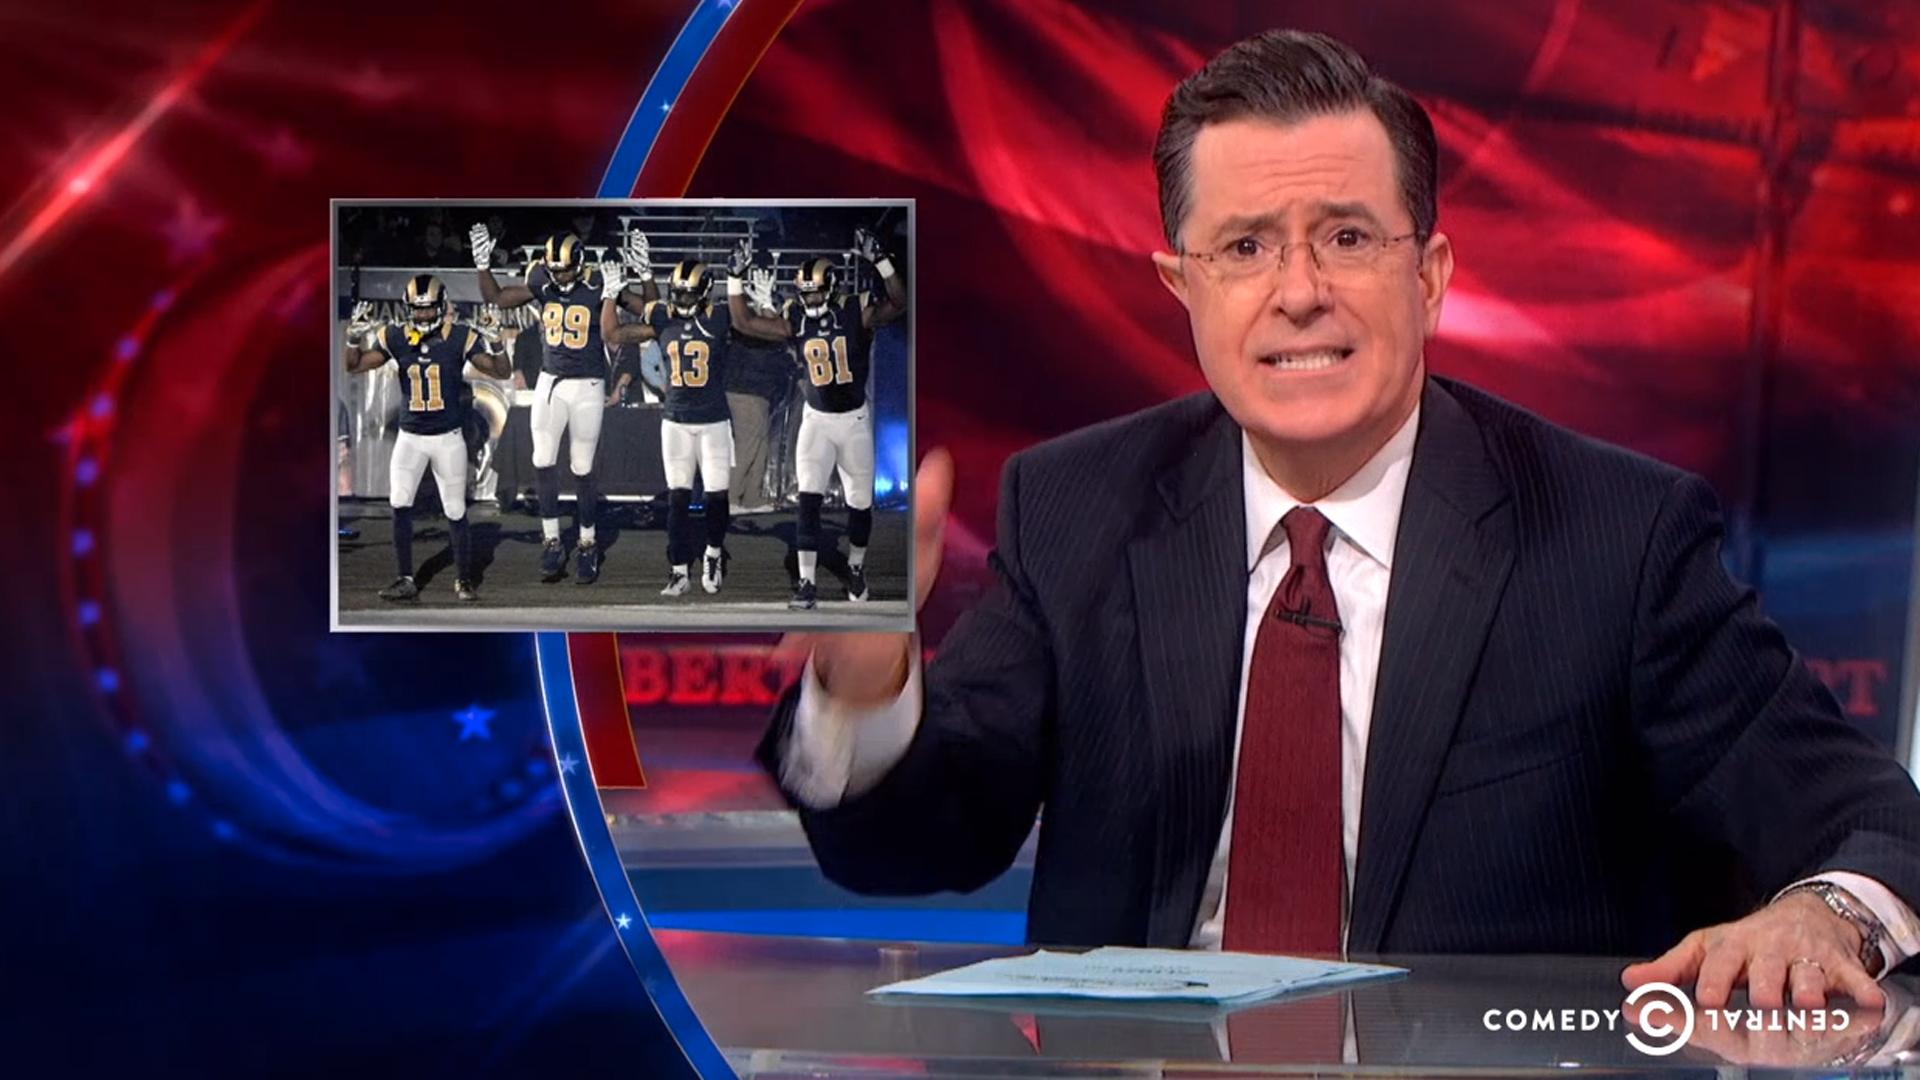 Stephen-Colbert-120214-FTR-CC.jpg